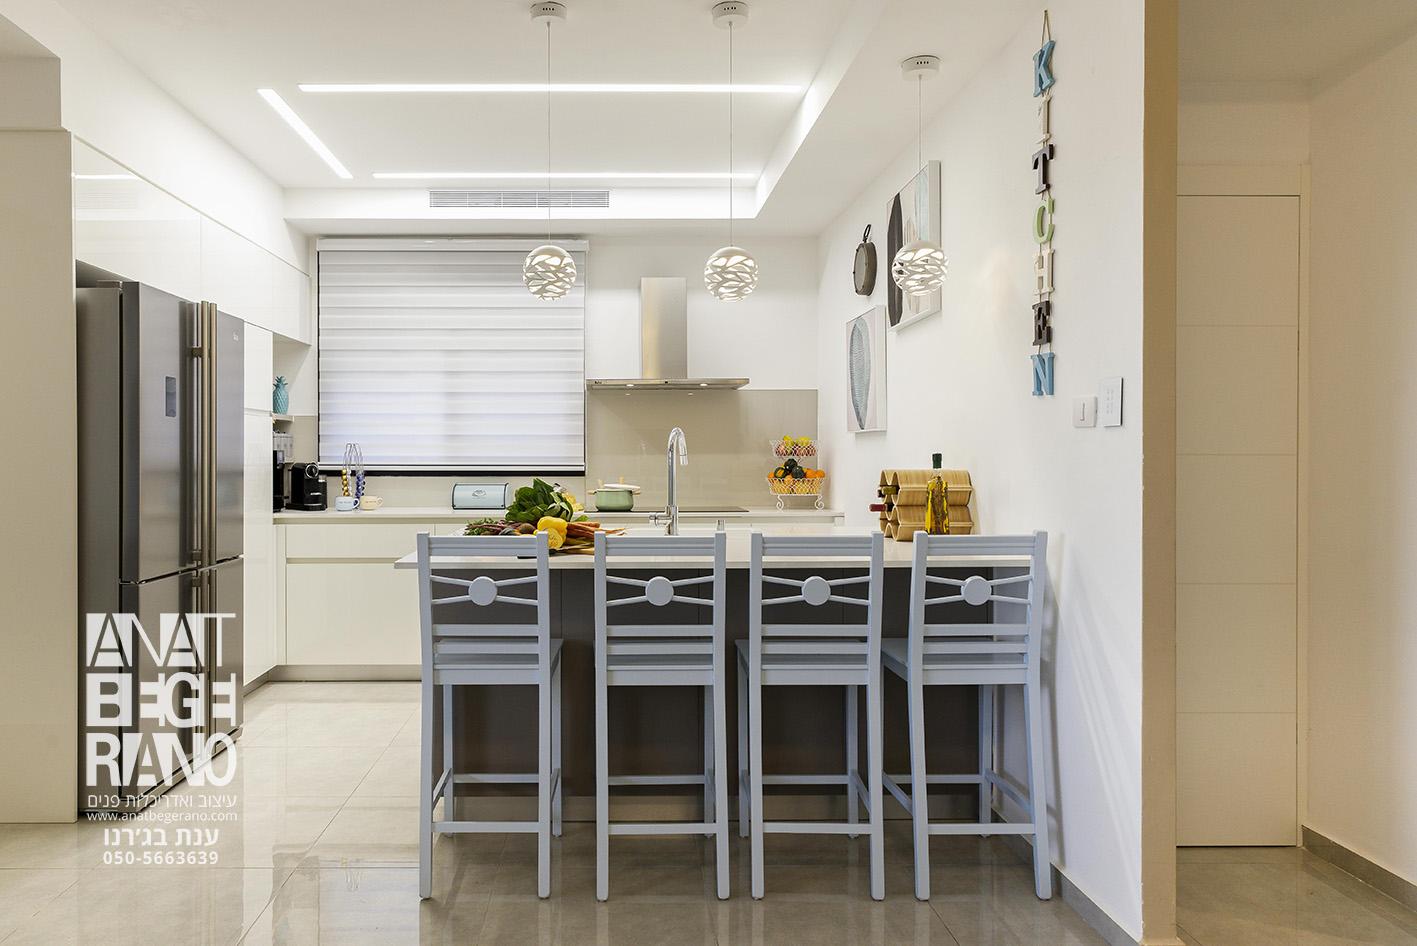 עיצוב בר במטבח